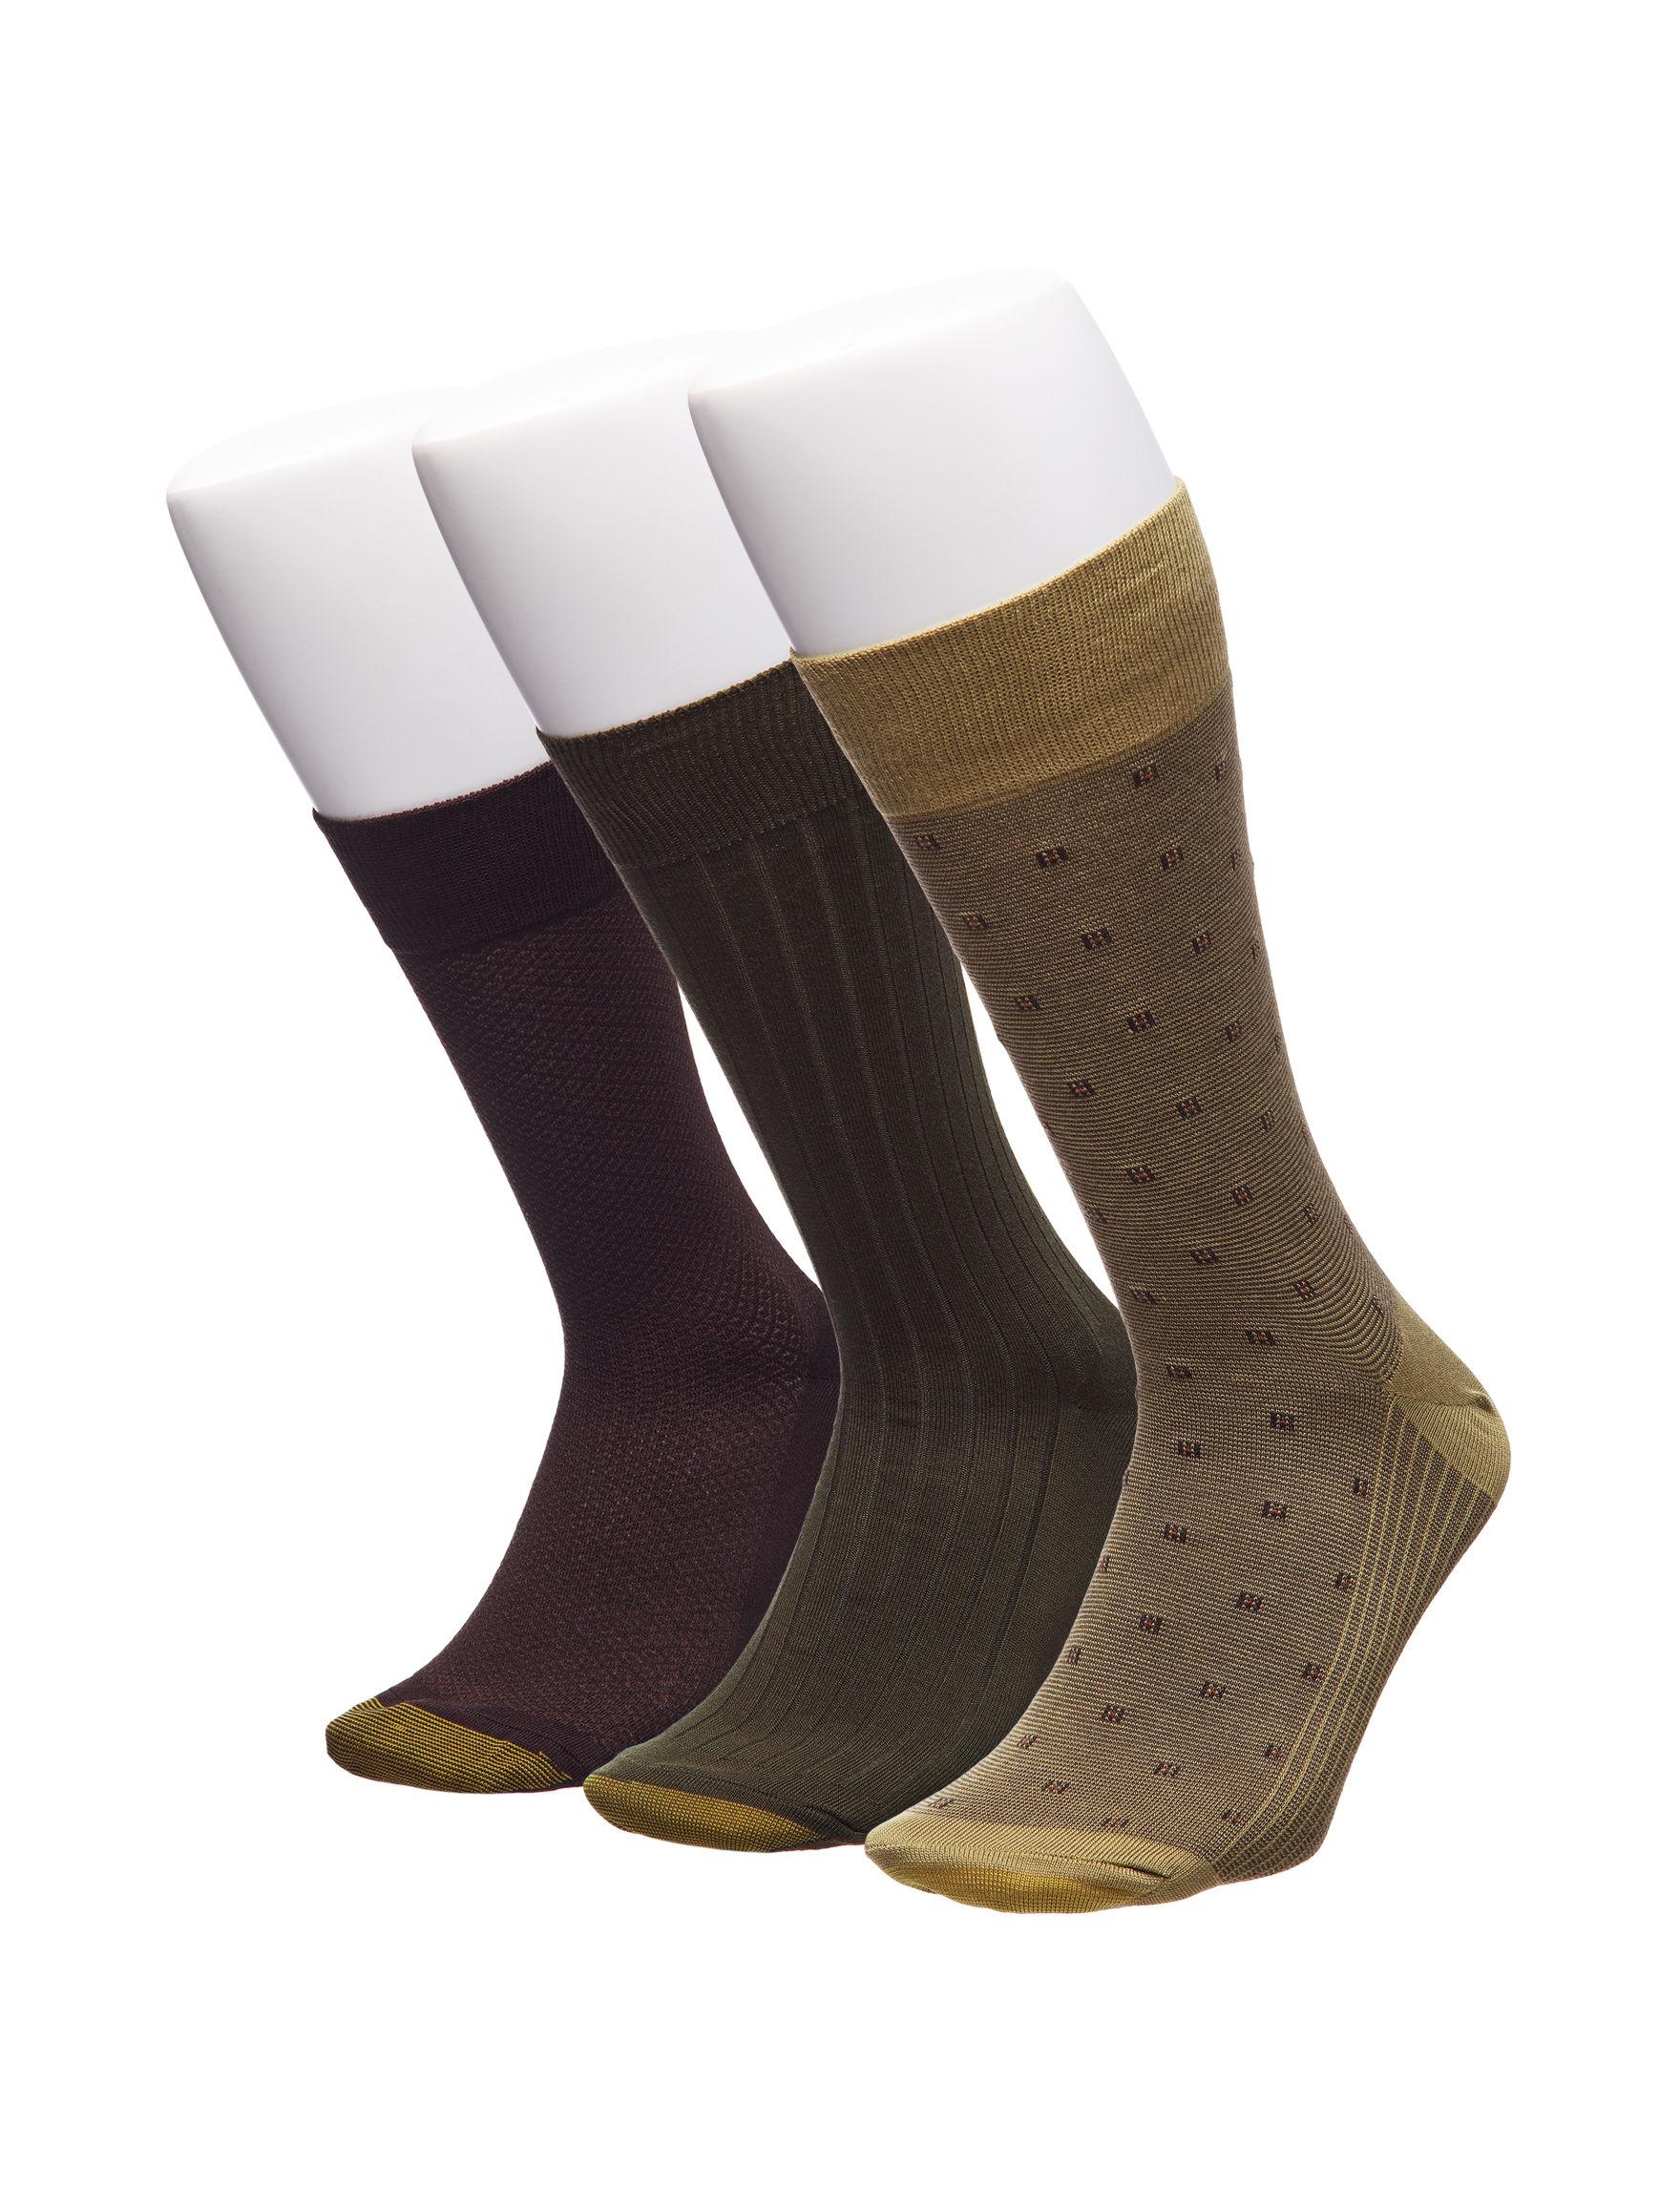 Gold Toe Multi Color Socks